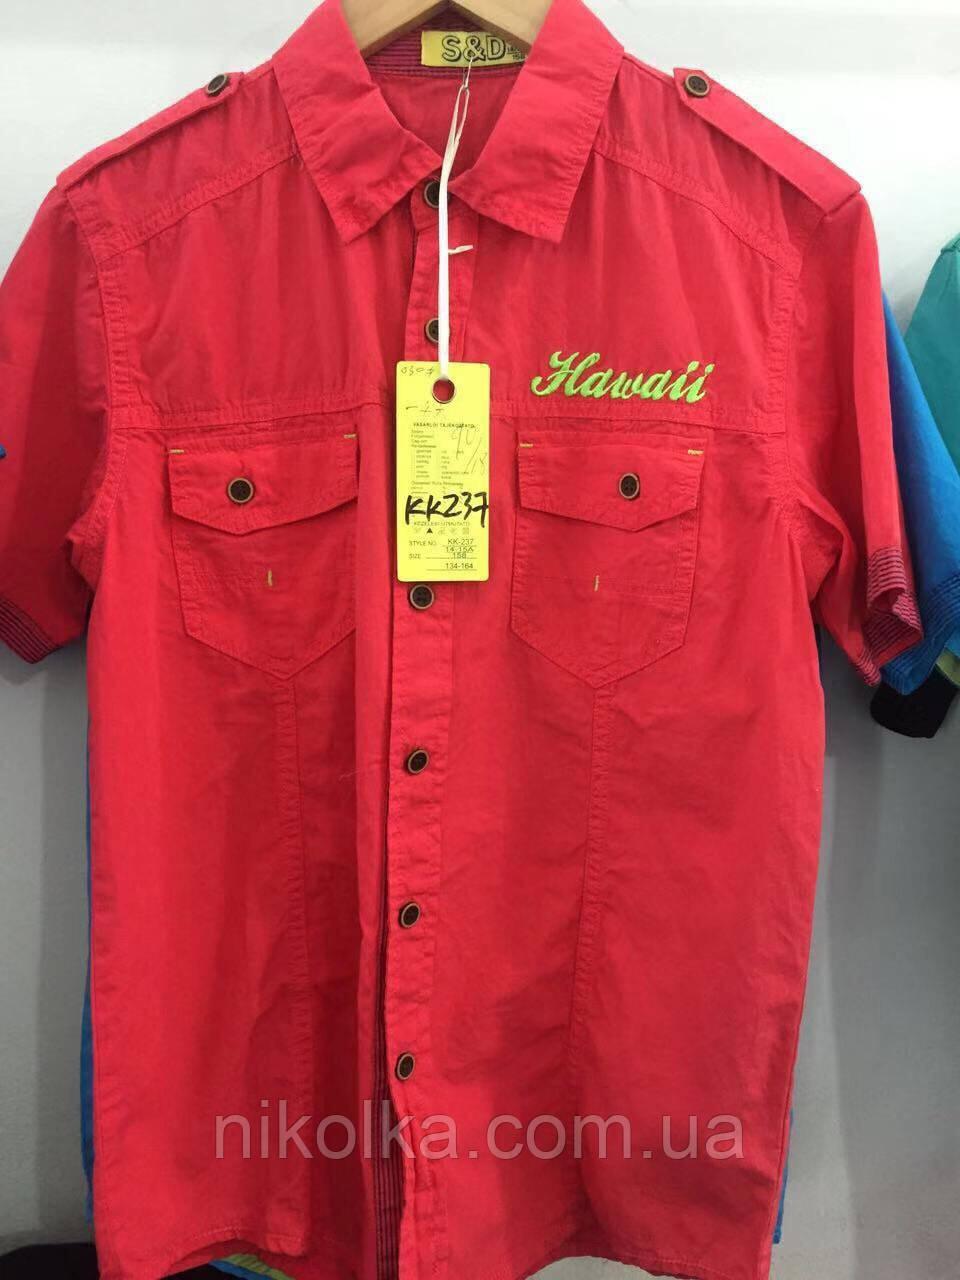 Рубашки для мальчиков оптом, S&D, 134-164 рр., арт. KK-237